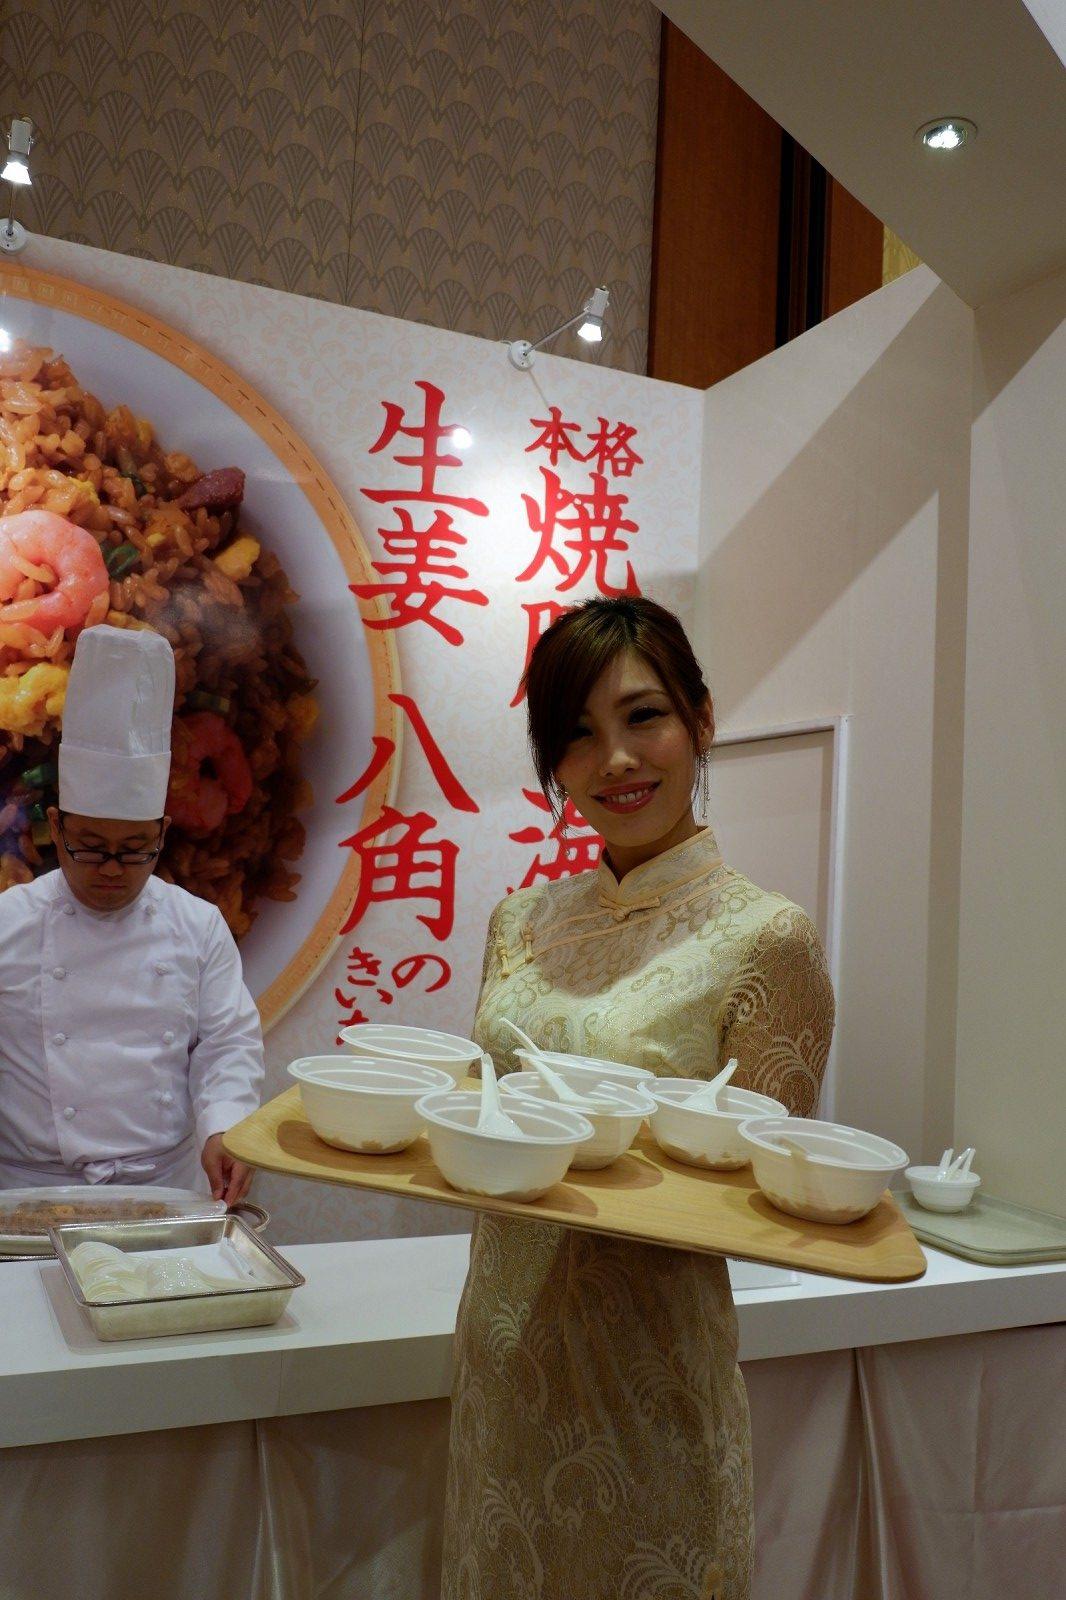 女性に受ける「香炒飯」。かおりチャーハンと読みます